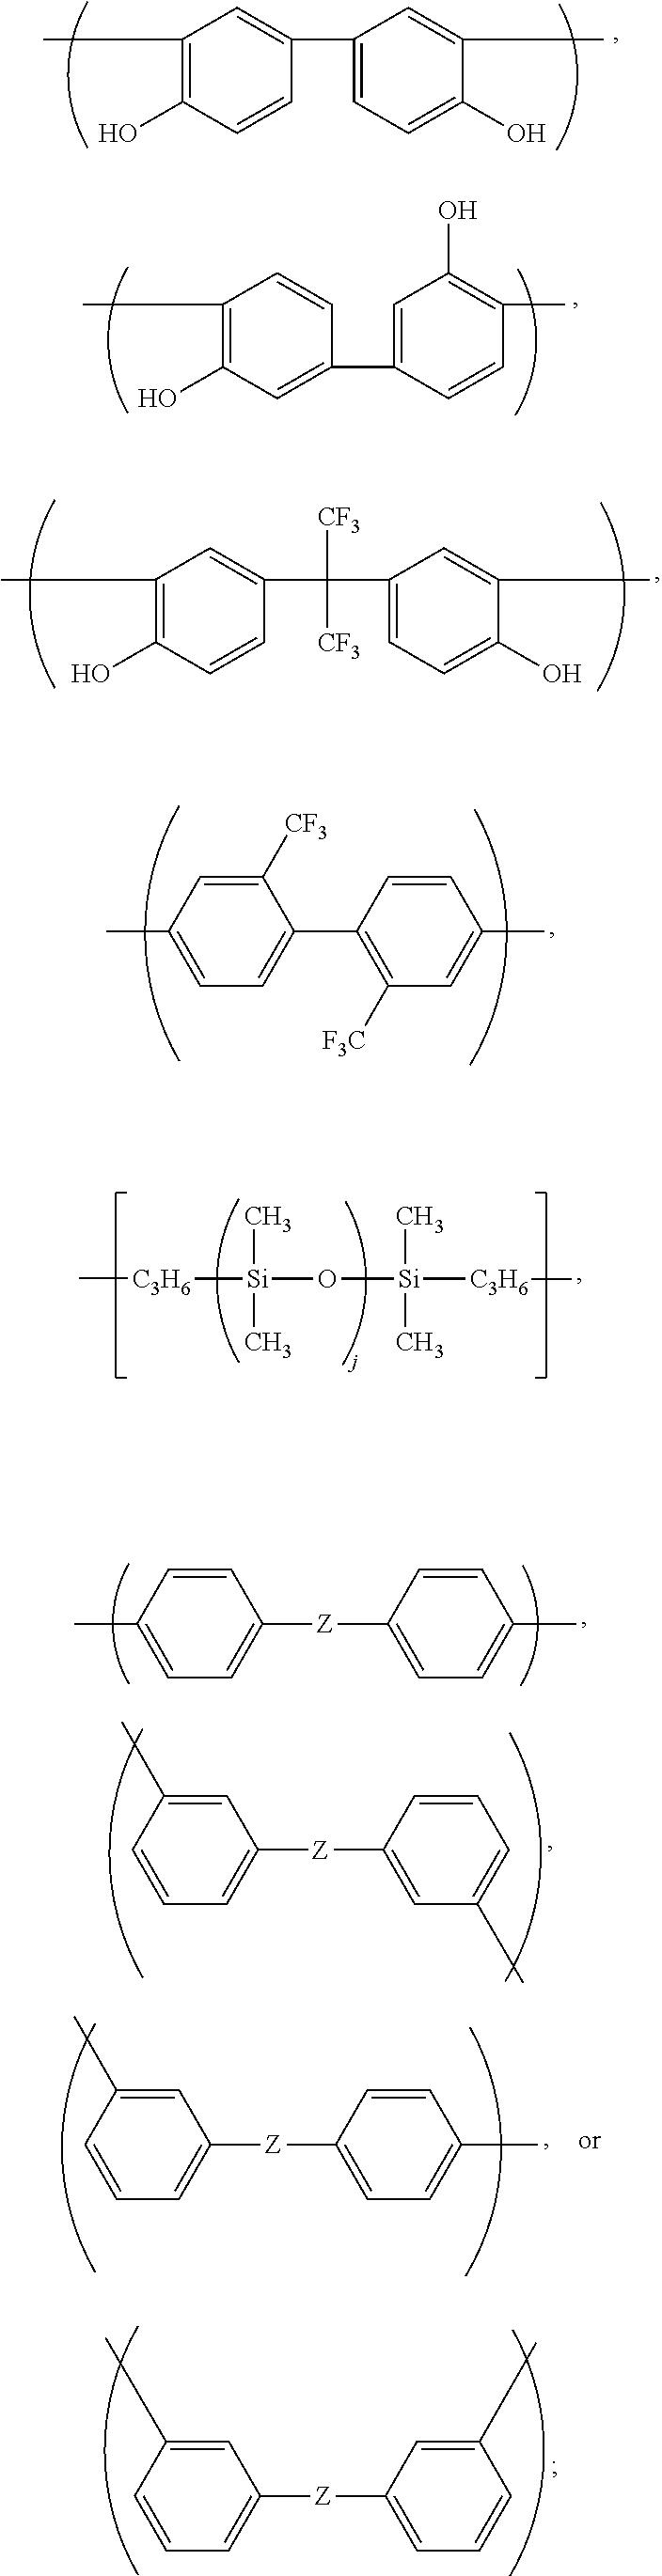 Figure US09477148-20161025-C00076